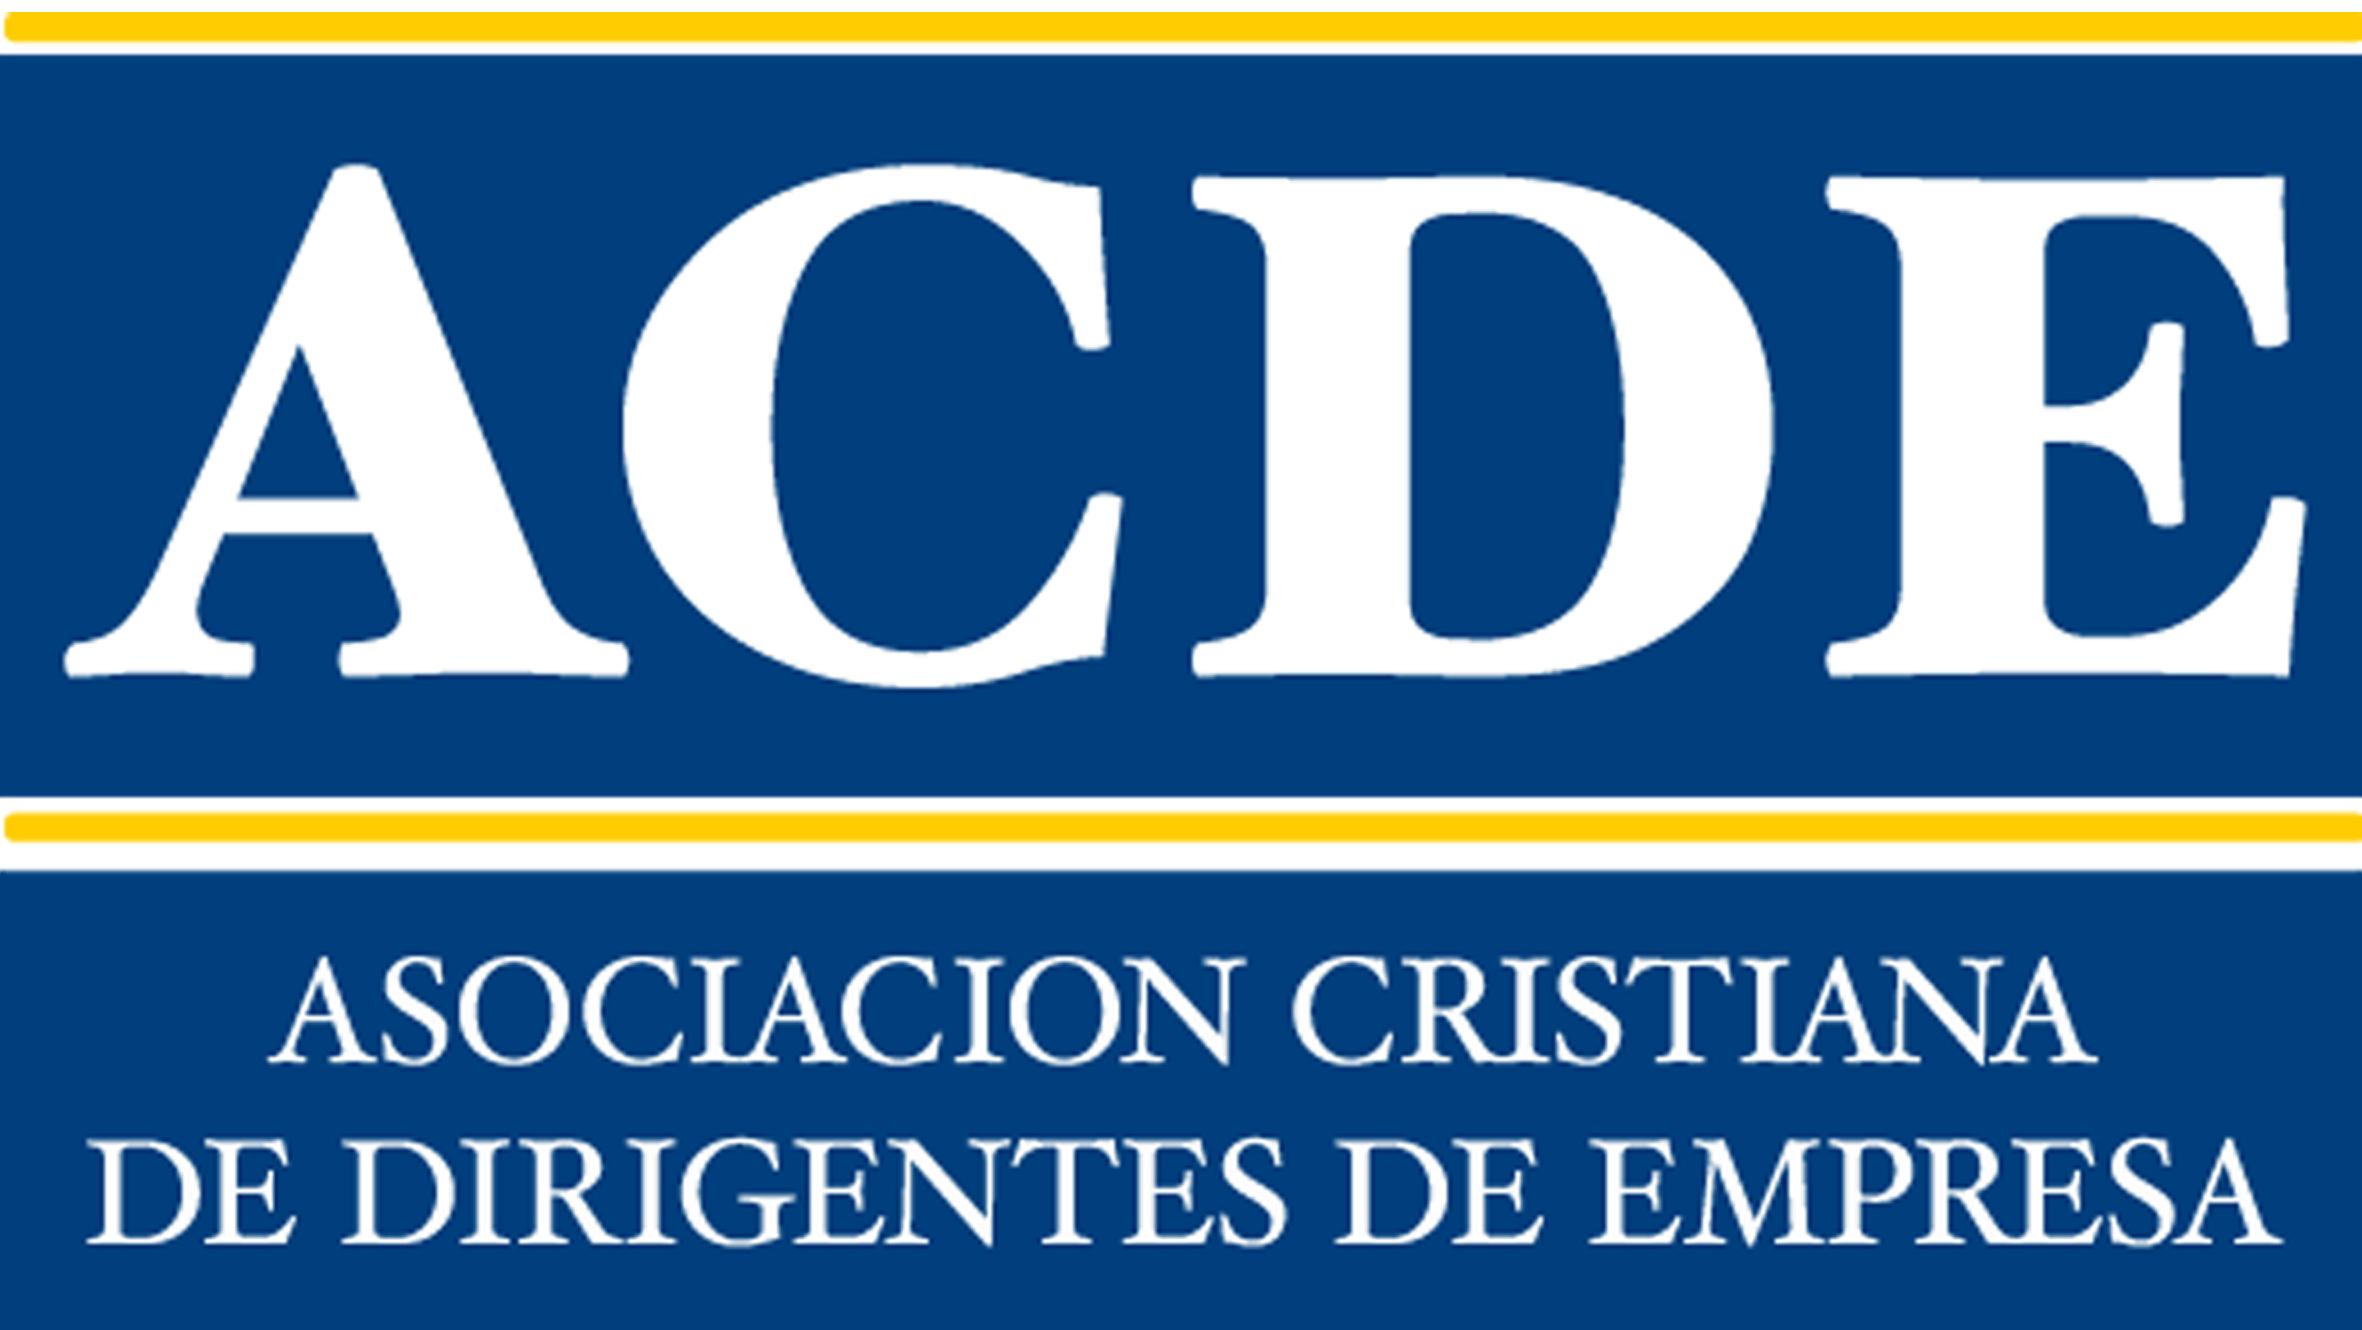 Asociación Cristiana de Dirigentes de Empresa